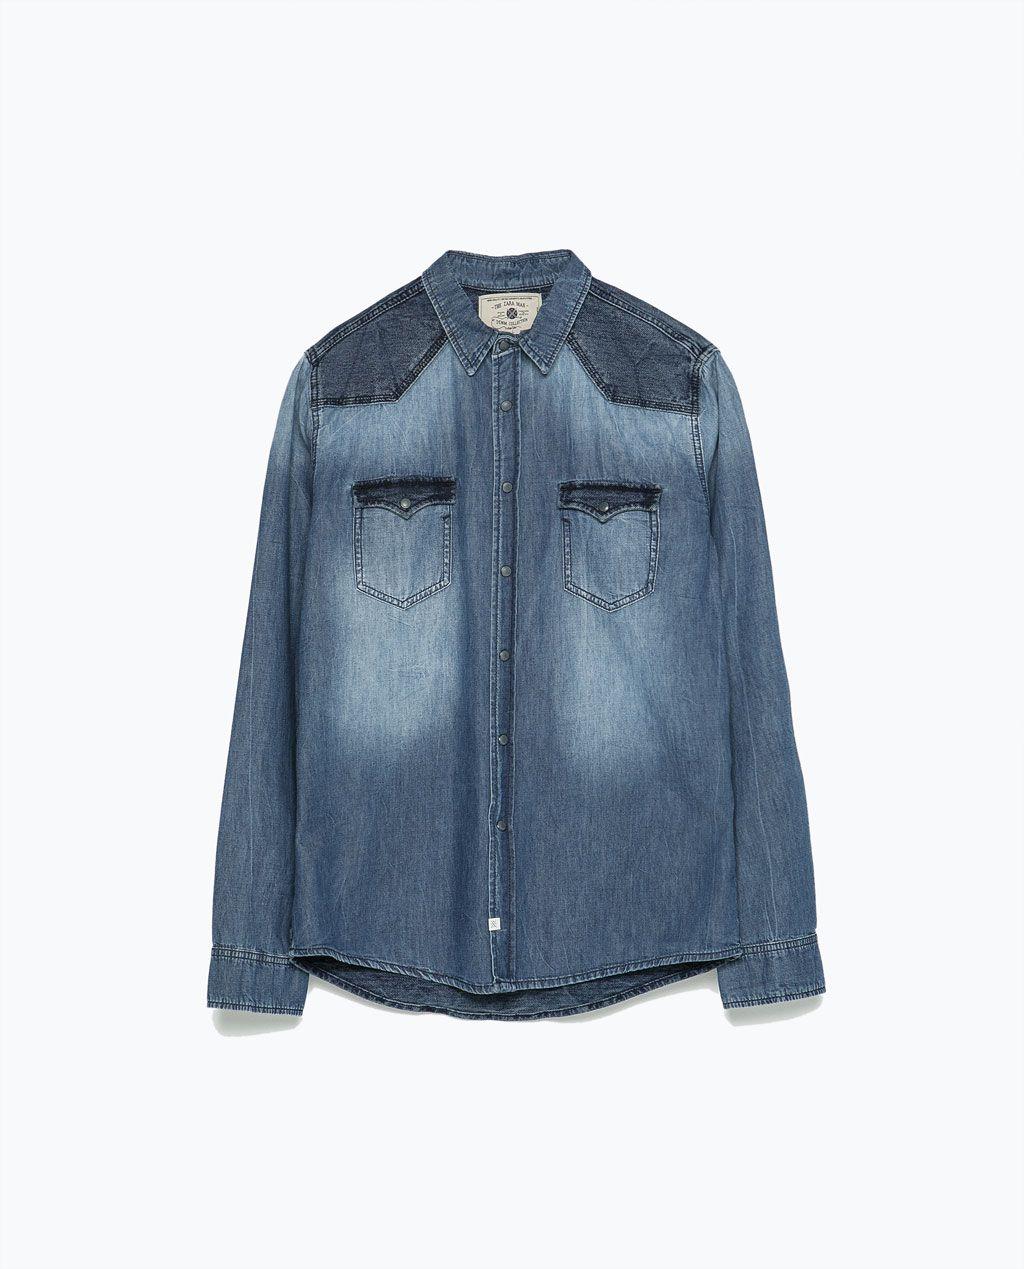 Jeans Overhemd Heren.Zara Heren Gecombineerd Denim Overhemd Shirts Men Denim